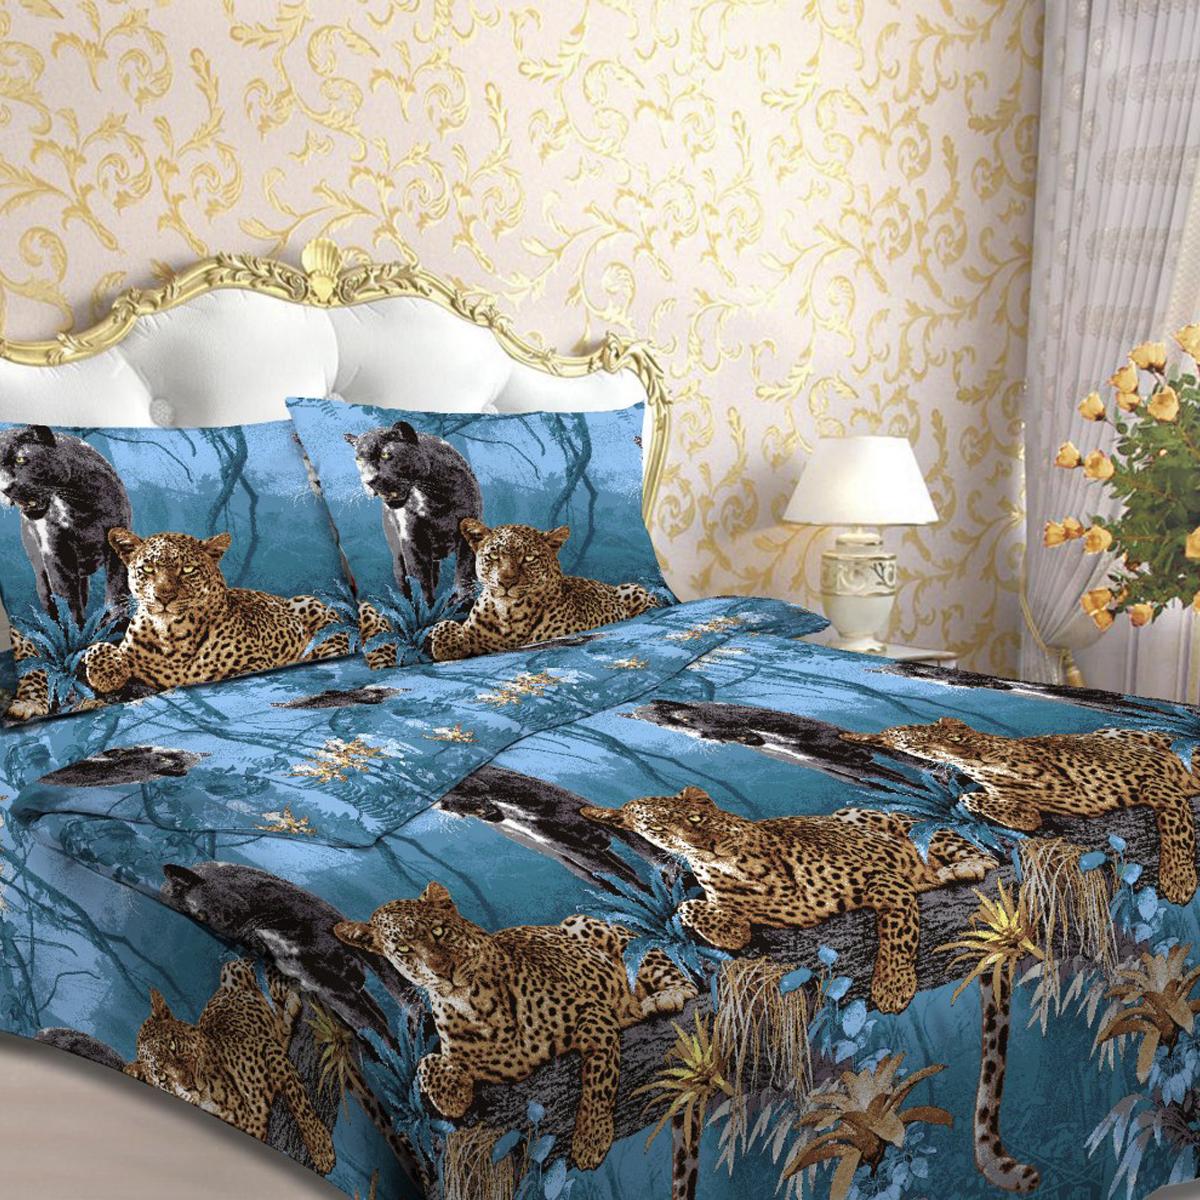 Комплект белья Letto Пантера, 1,5-спальное, наволочки 70х70, цвет: синий. В44-3В44-3Комплект постельного белья Letto Пантера выполнен из бязи (100% натурального хлопка). Комплект состоит из пододеяльника, простыни и двух наволочек. Постельное белье оформлено ярким красочным рисунком. Гладкая структура делает ткань приятной на ощупь, мягкой и нежной, при этом она прочная и хорошо сохраняет форму. Ткань легко гладится. Благодаря такому комплекту постельного белья вы сможете создать атмосферу роскоши и романтики в вашей спальне. В комплект входят: Пододеяльник - 1 шт. Размер: 143 см х 215 см. Простыня - 1 шт. Размер: 150 см х 220, см. Наволочка - 2 шт. Размер: 70 см х 70 см. Плотность: 125 г/м.